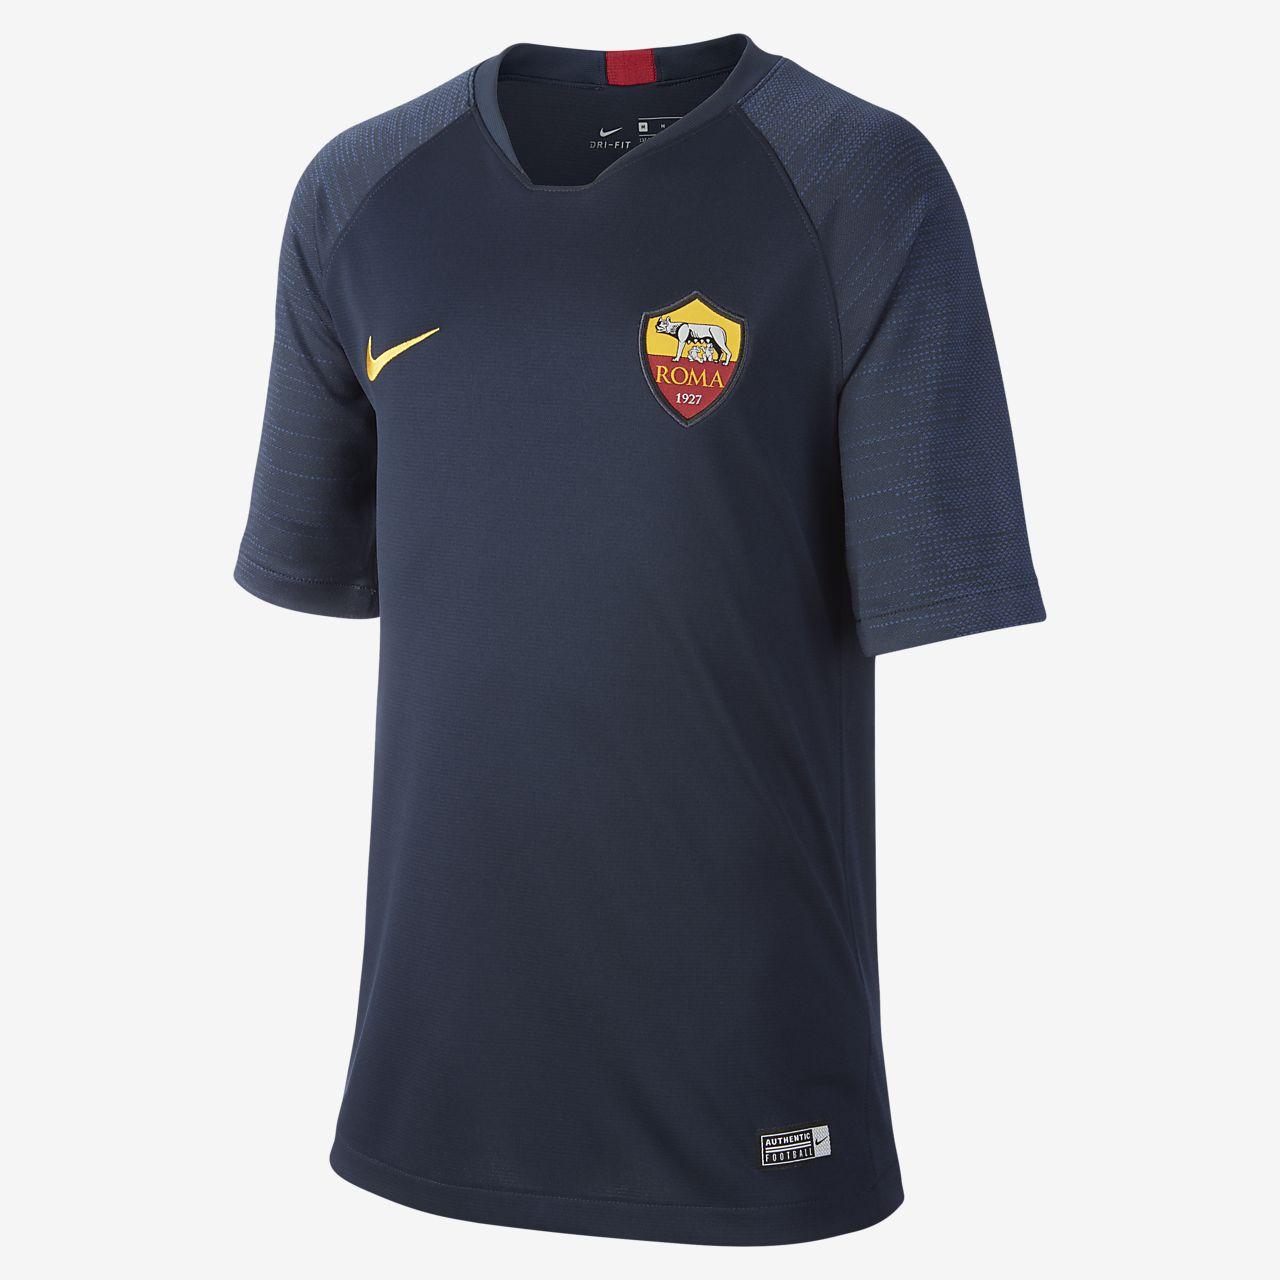 Κοντομάνικη ποδοσφαιρική μπλούζα Nike Breathe A.S. Roma Strike για μεγάλα παιδιά